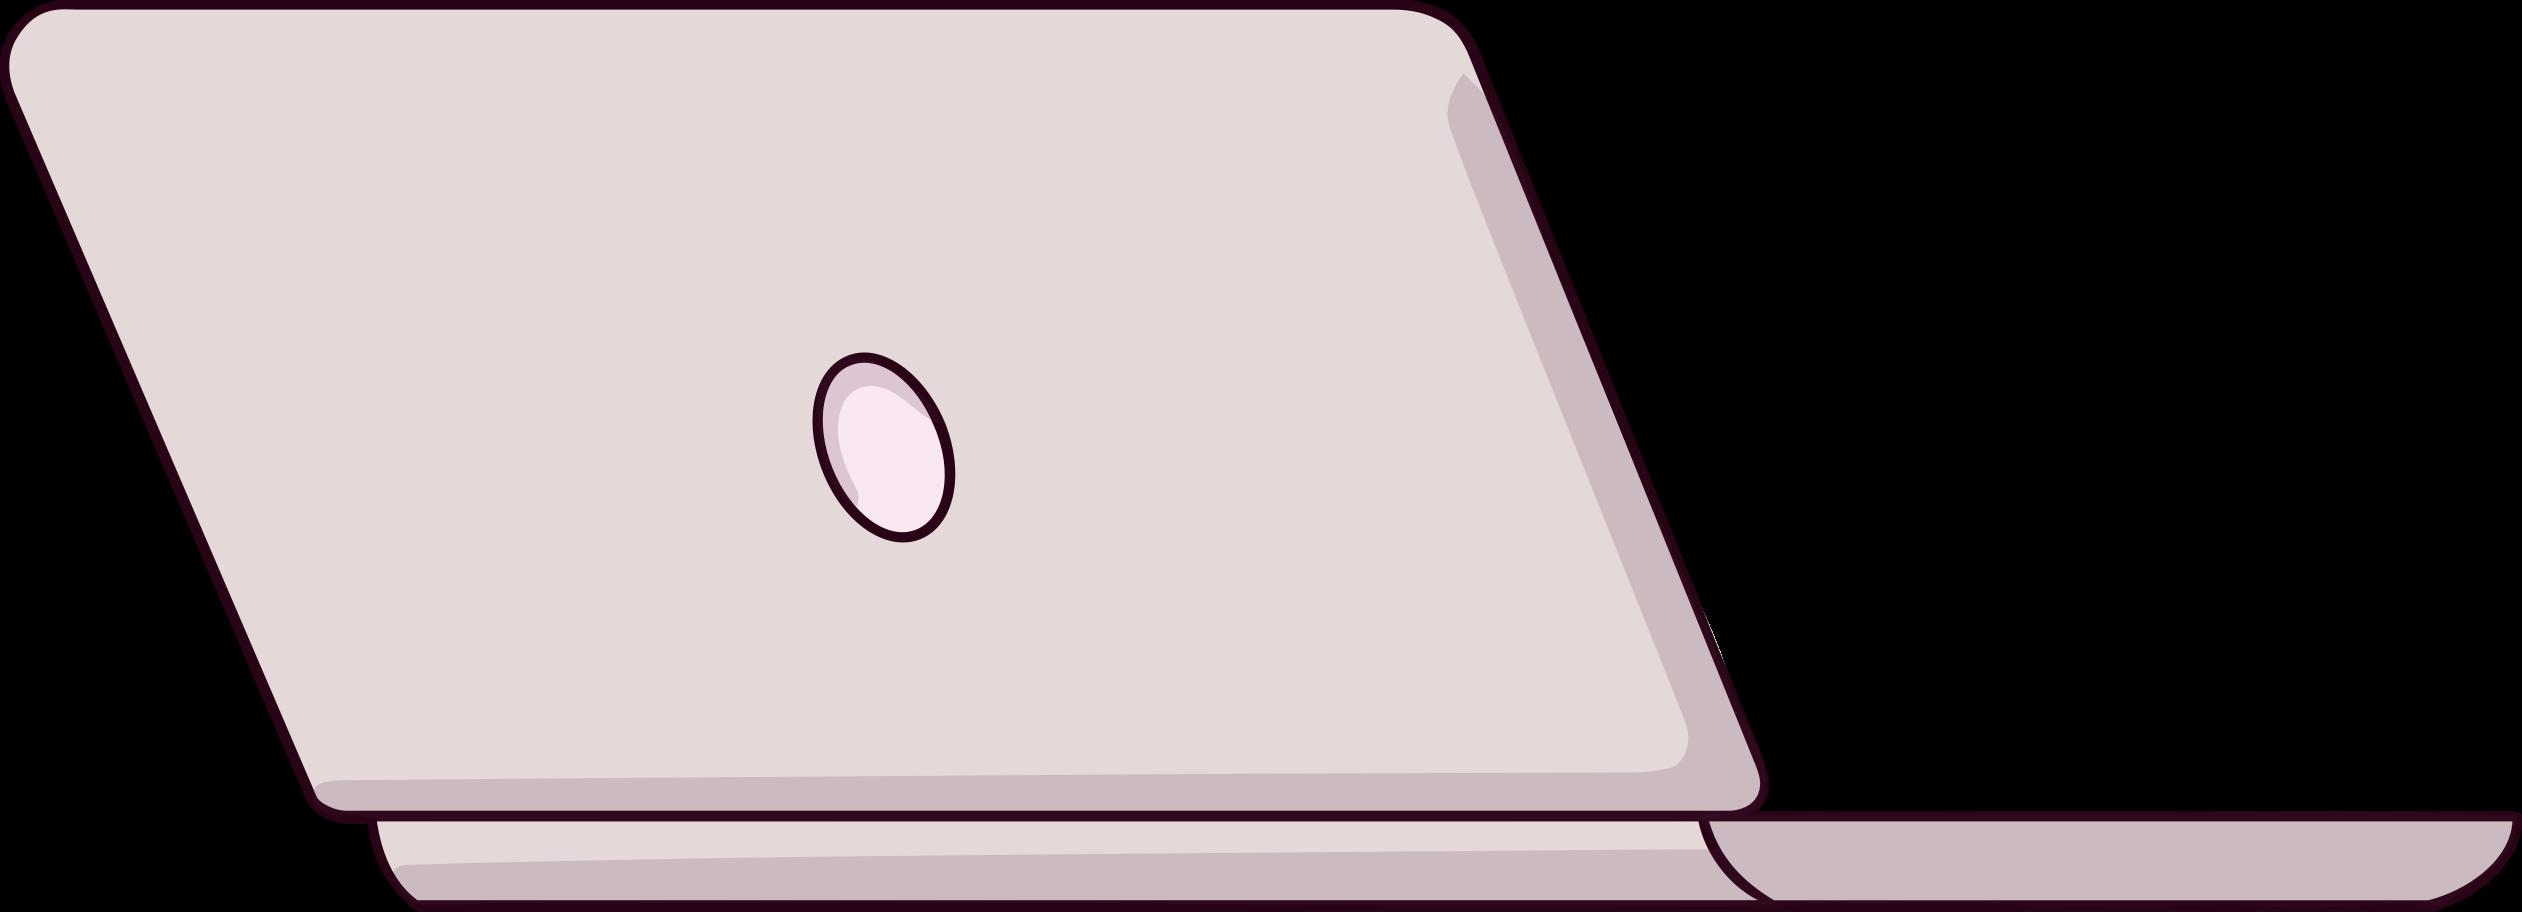 PNGとSVGの  スタイルの ノート ベクターイメージ   Icons8 イラスト